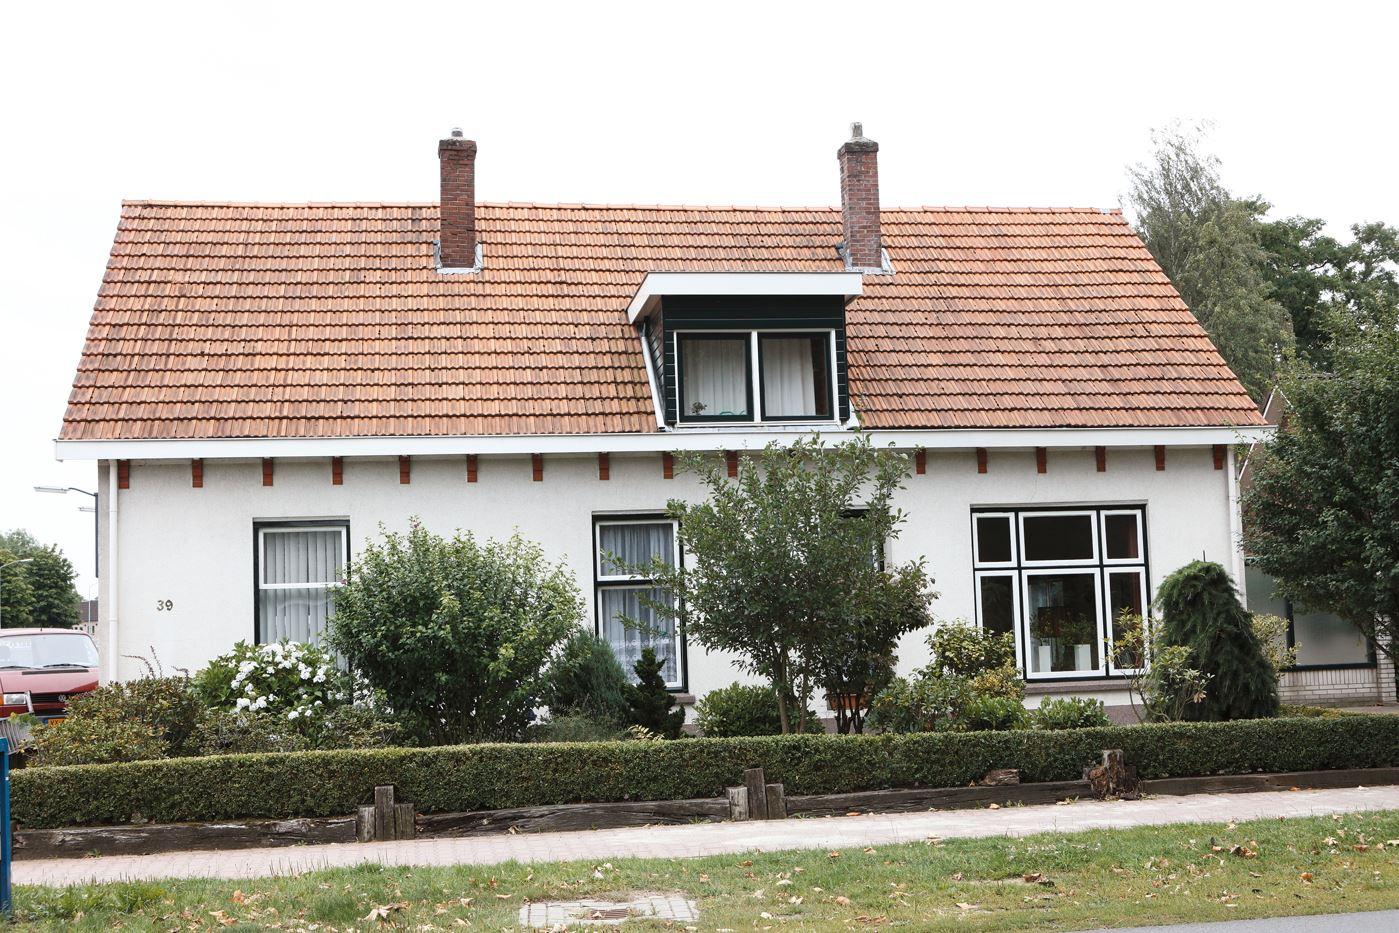 Bekijk foto 1 van Dinxperlosestraatweg 39